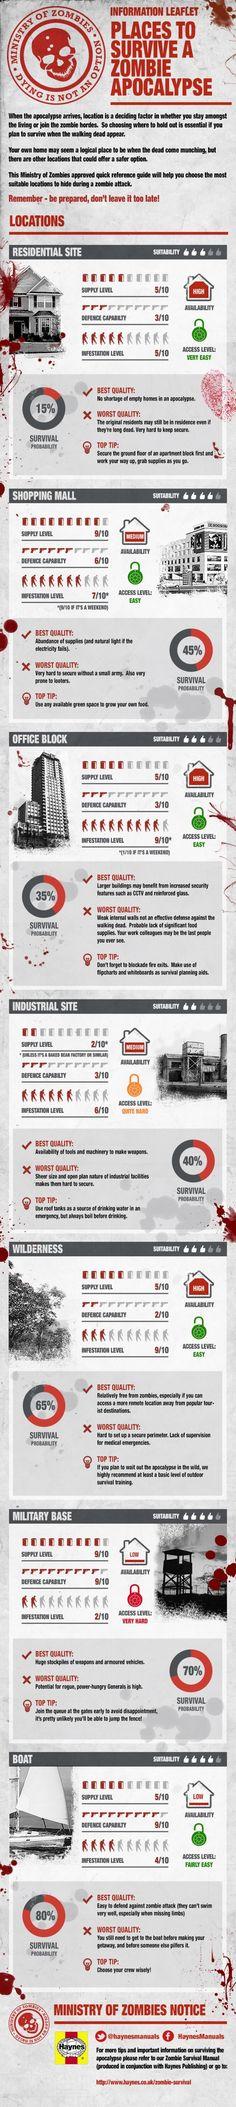 Places To Survive A Zombie Apocalypse #Survival #Preppers